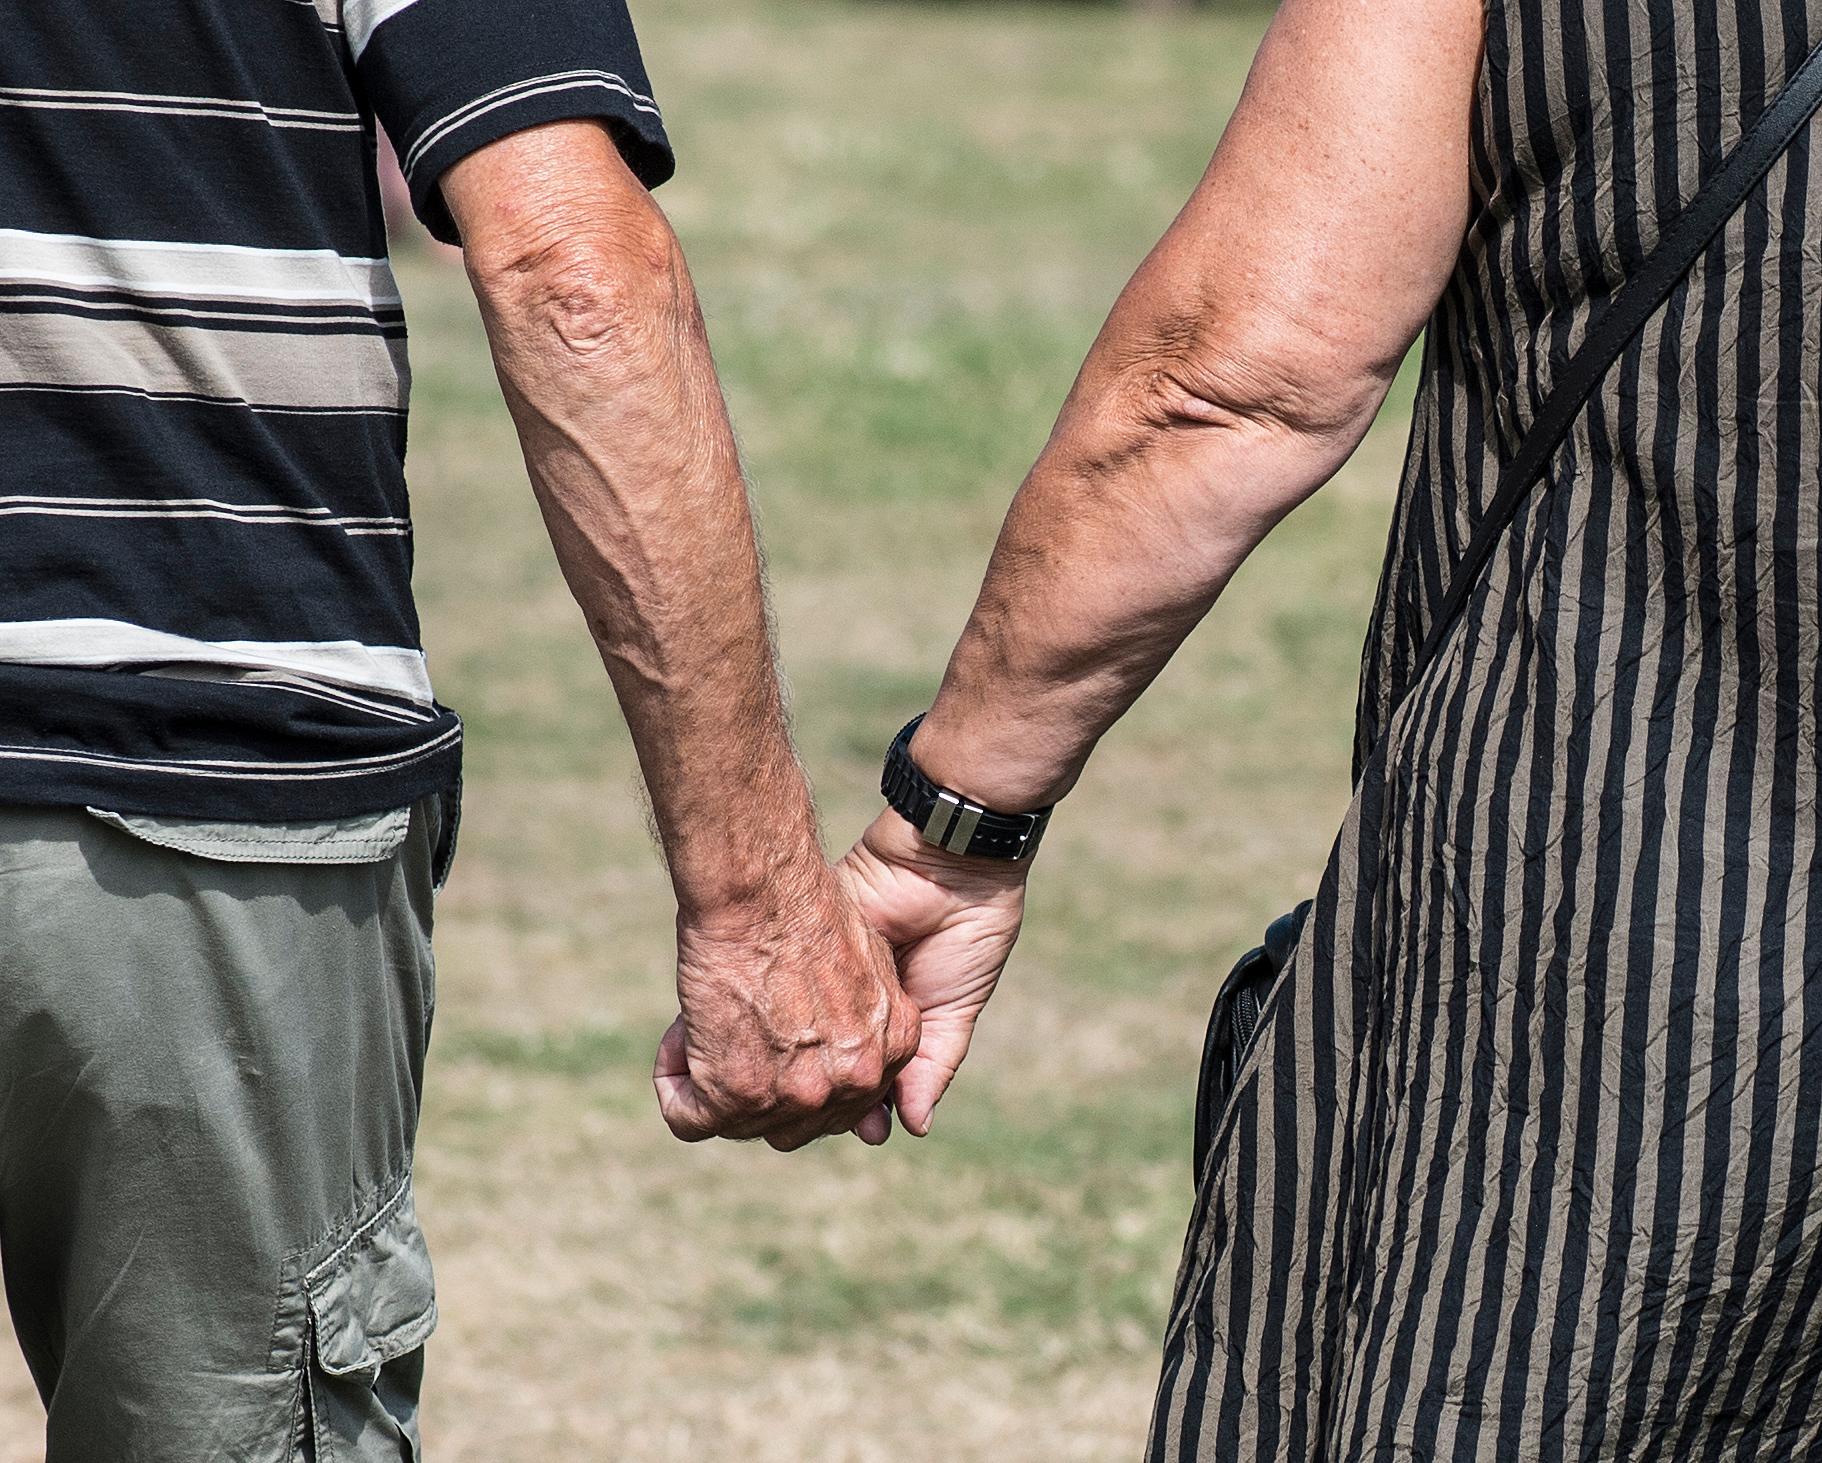 1,4 miljoner personer över 65 år får skatten sänkt med upp till 2 500 kronor per år.